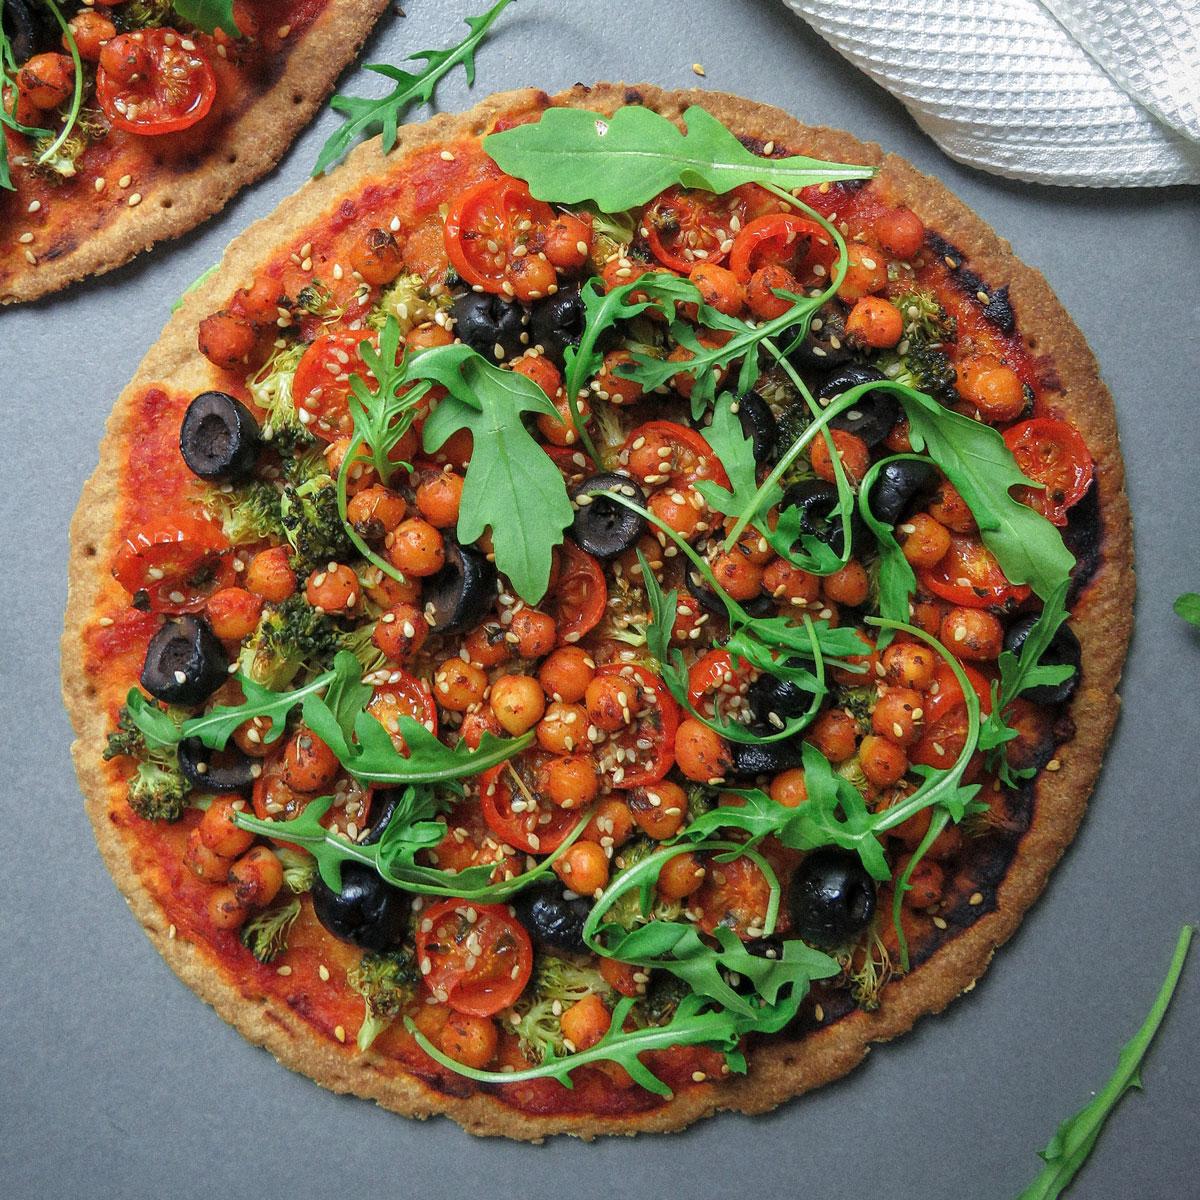 Pizza sin gluten con garbanzos y verduras